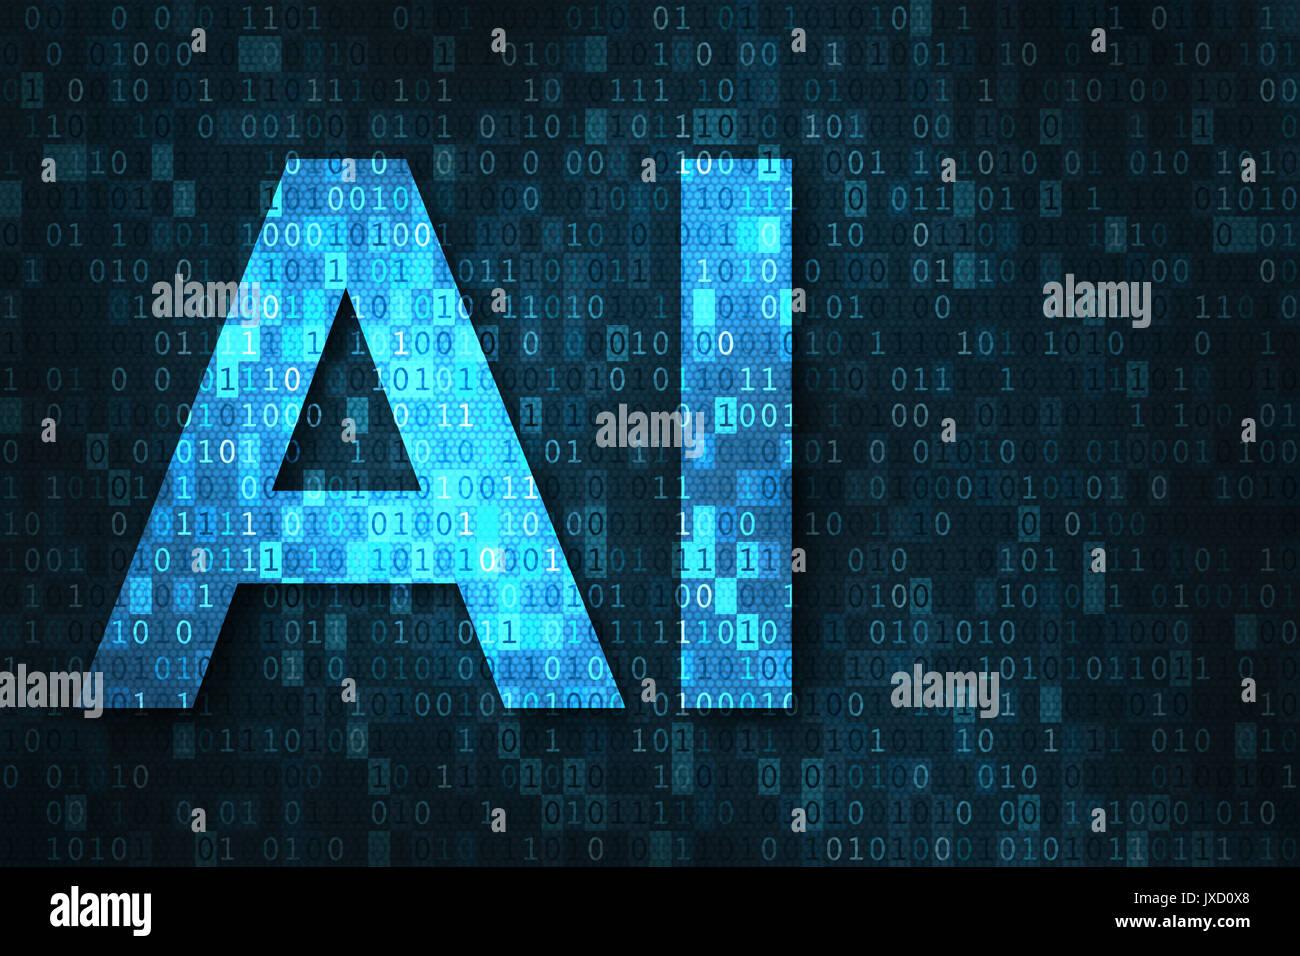 Intelligenza artificiale illustrazione con il testo in blu AI oltre il codice binario sfondo di matrice. Concetto Foto Stock